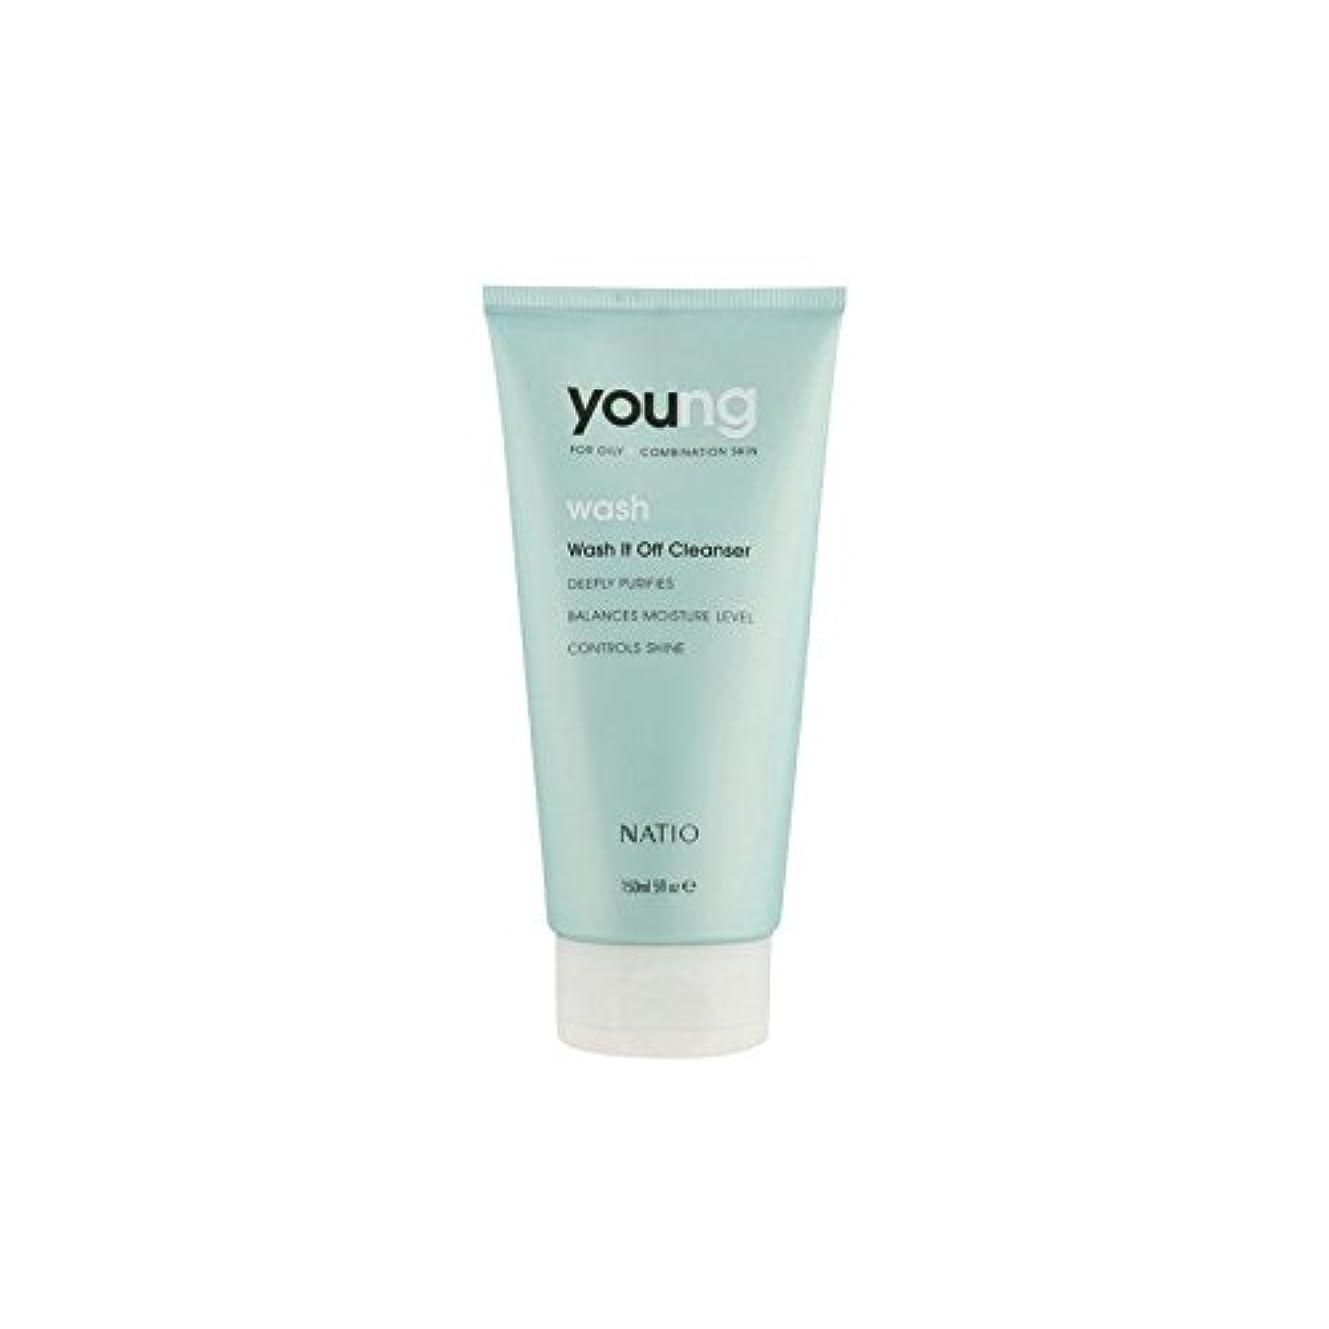 若いウォッシュそれオフクレンザー(150ミリリットル) x2 - Natio Young Wash It Off Cleanser (150ml) (Pack of 2) [並行輸入品]